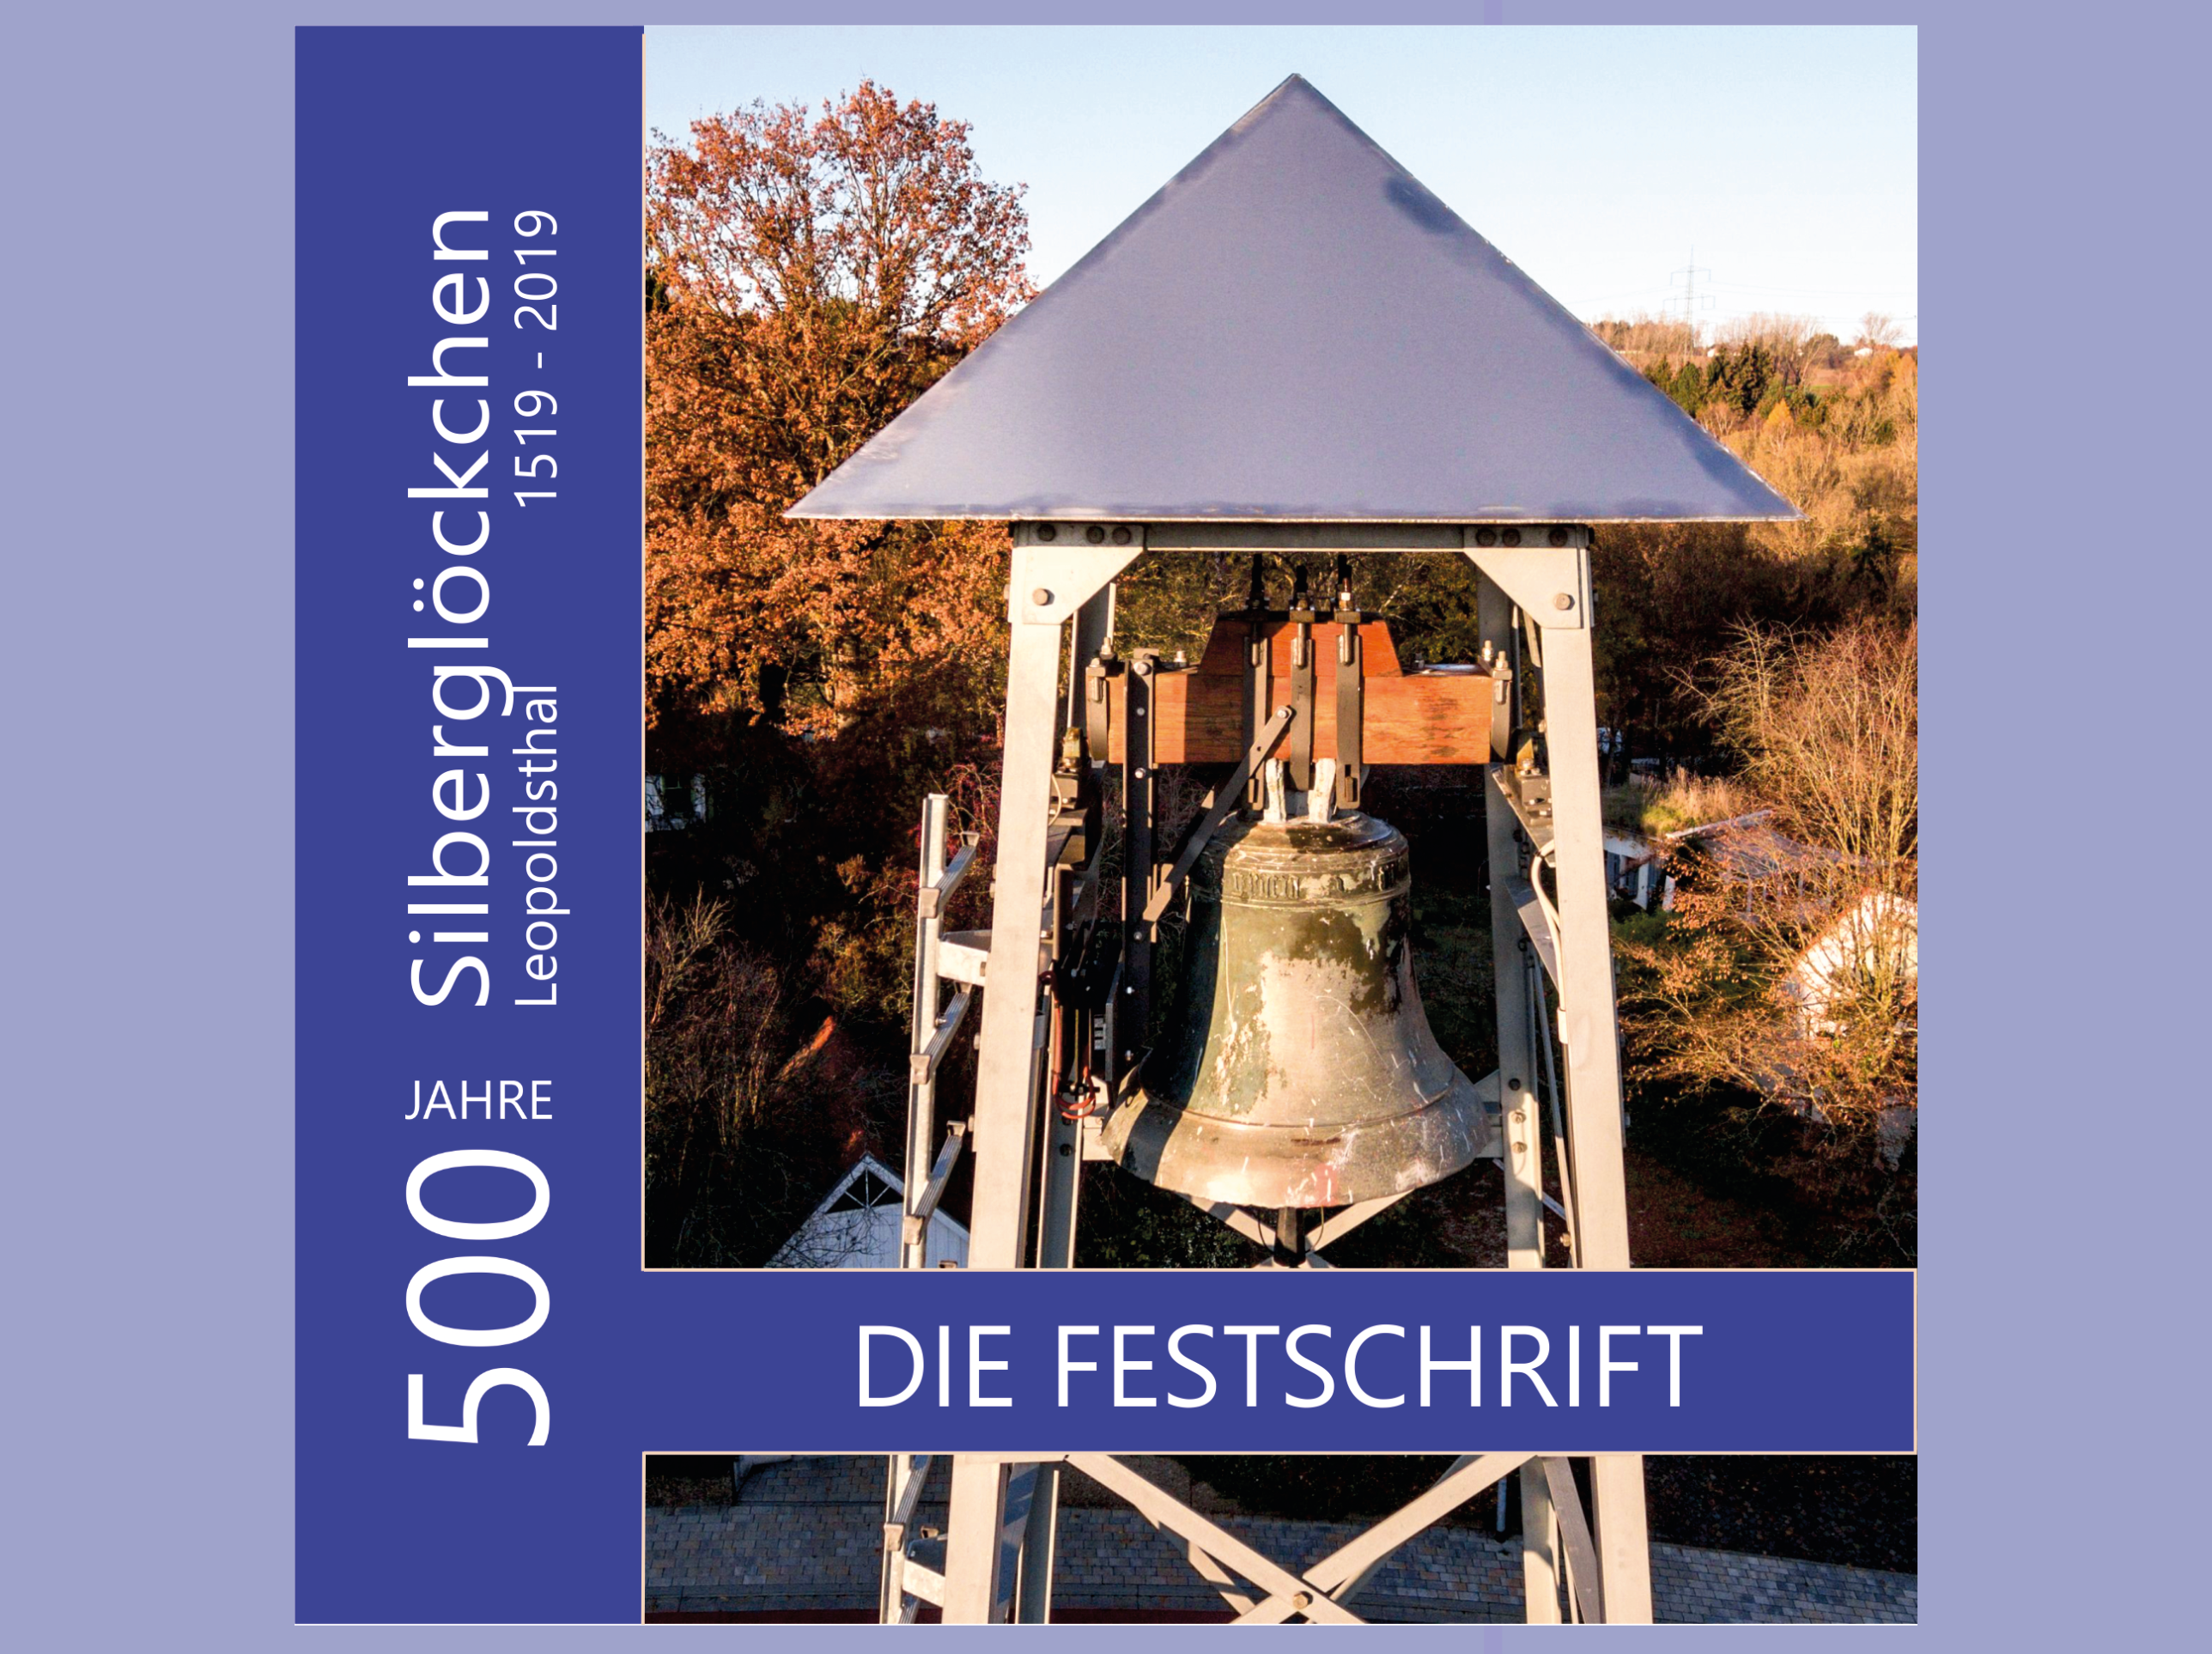 Die Festschrift: 500 Jahre Silberglöckchen Leopoldsthal